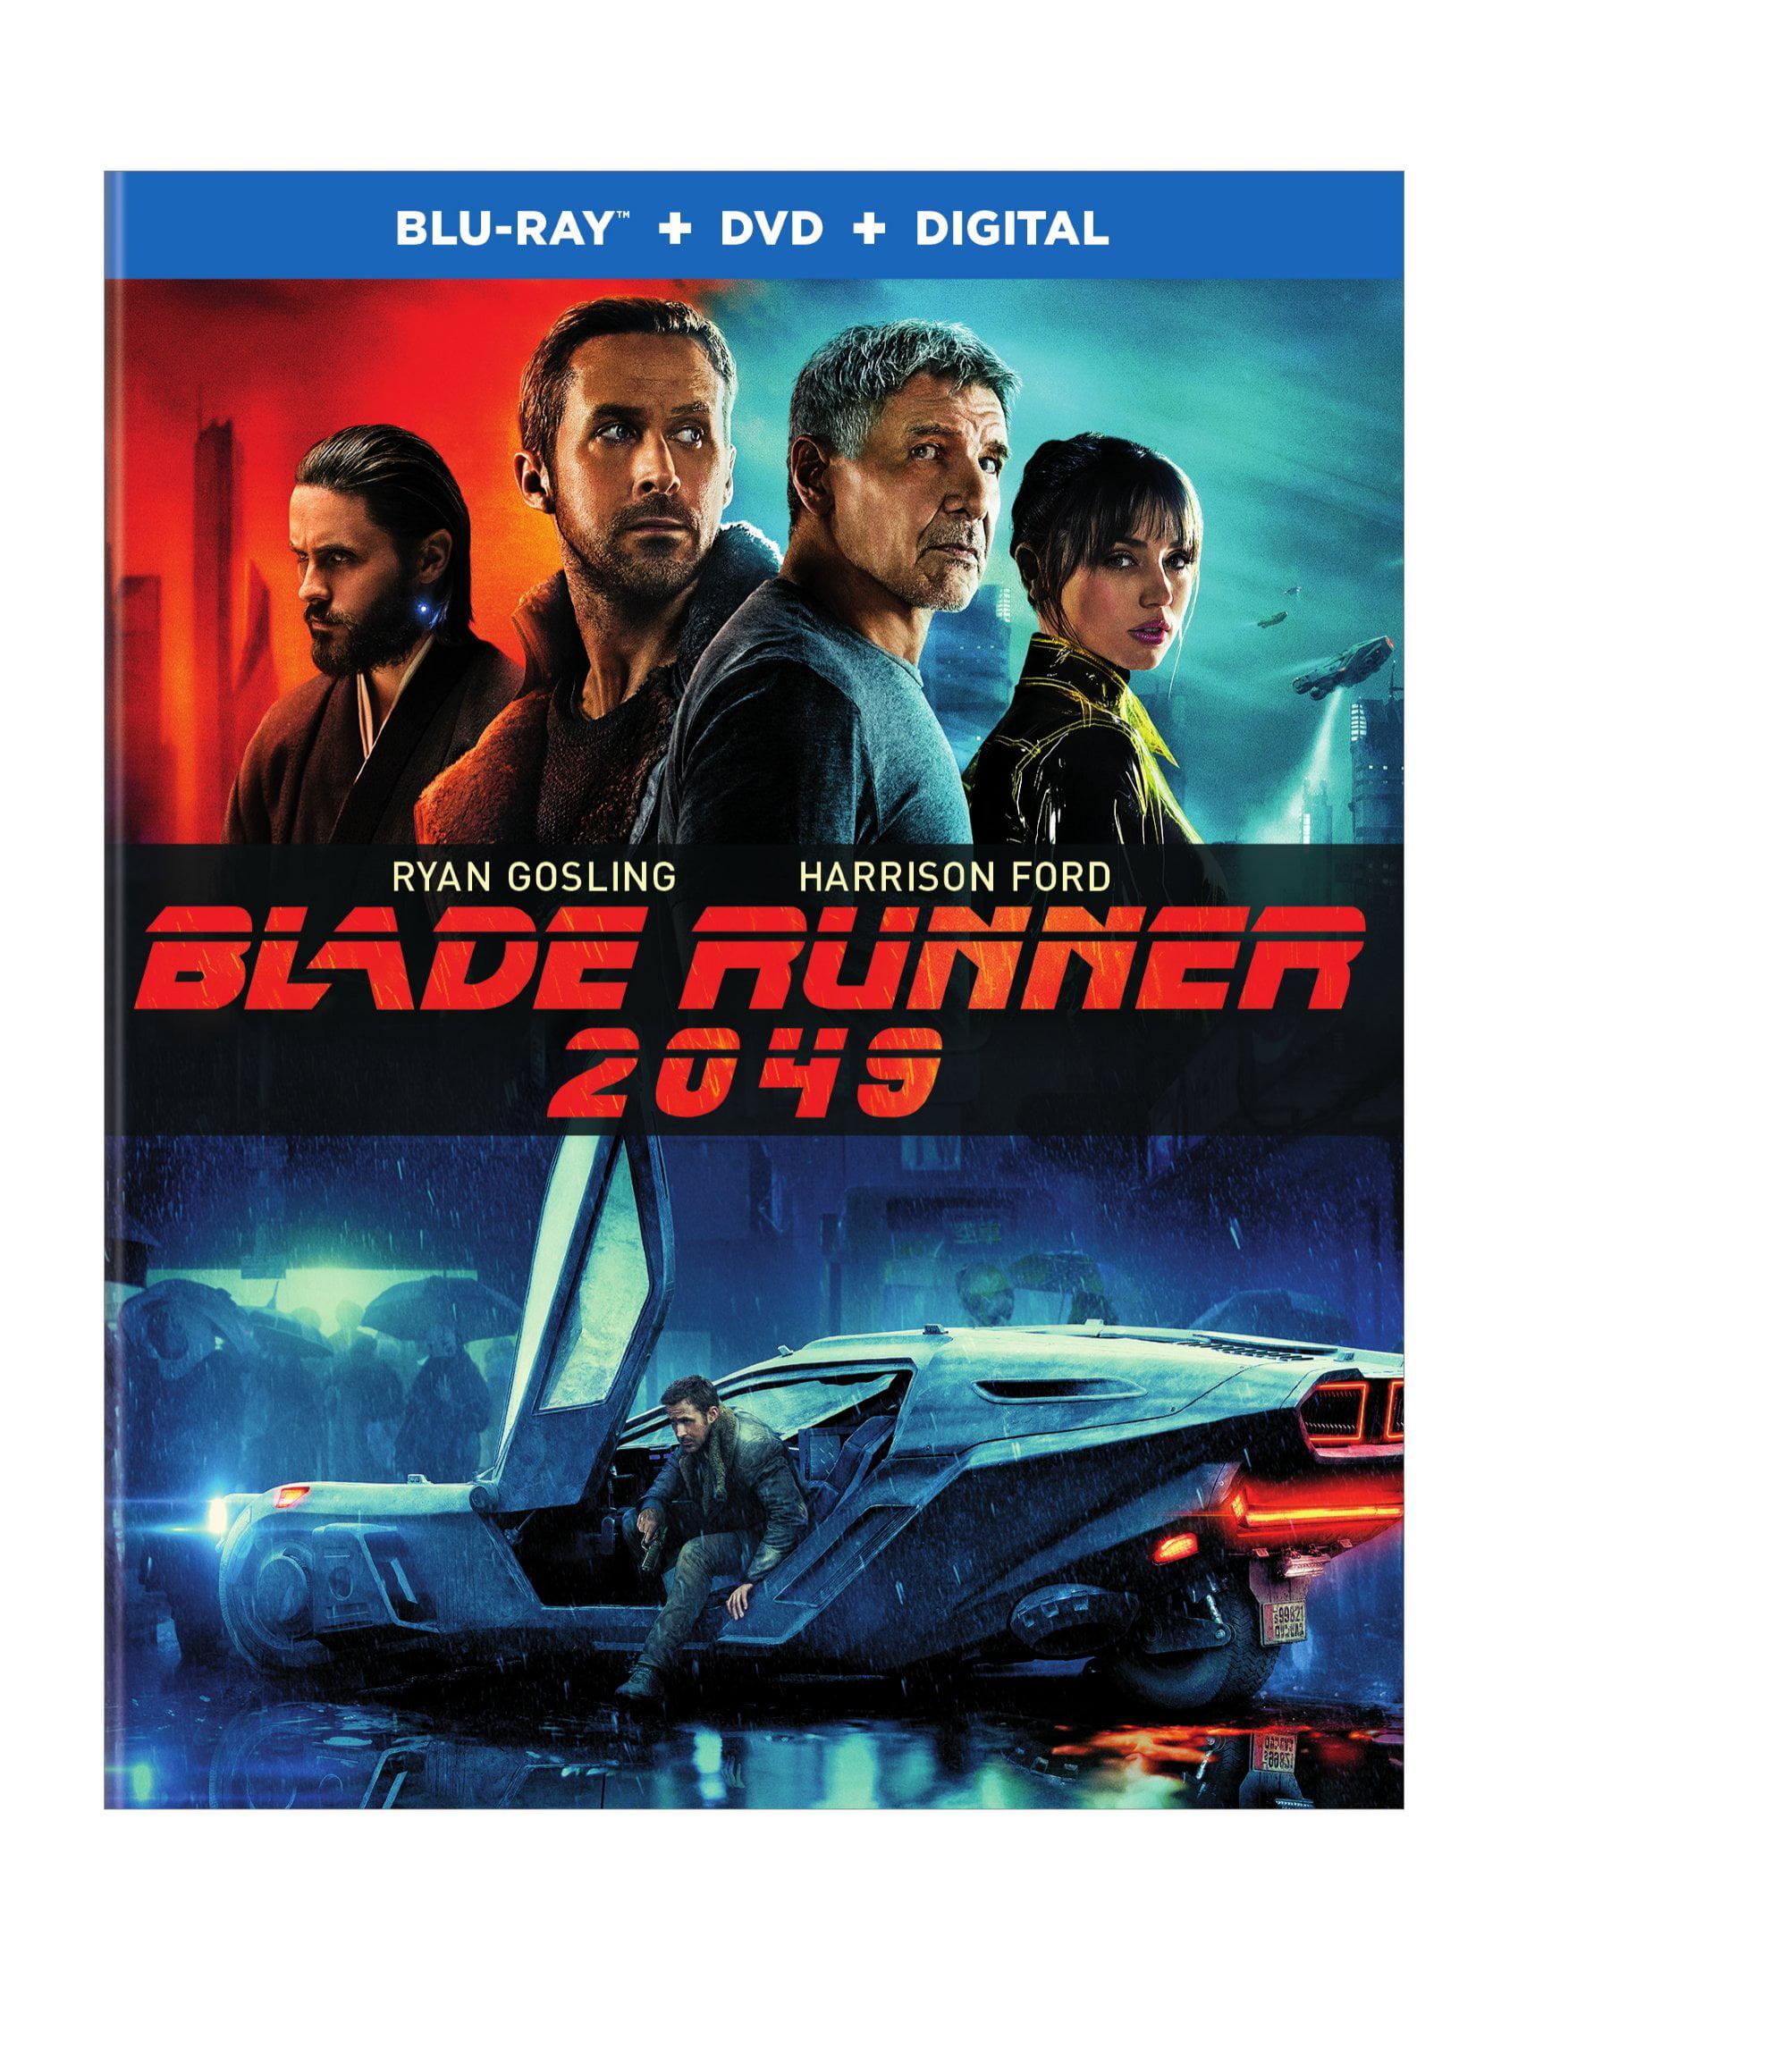 Blade Runner 2049 (Walmart Exclusive) (Blu-ray + DVD + Digital HD) by